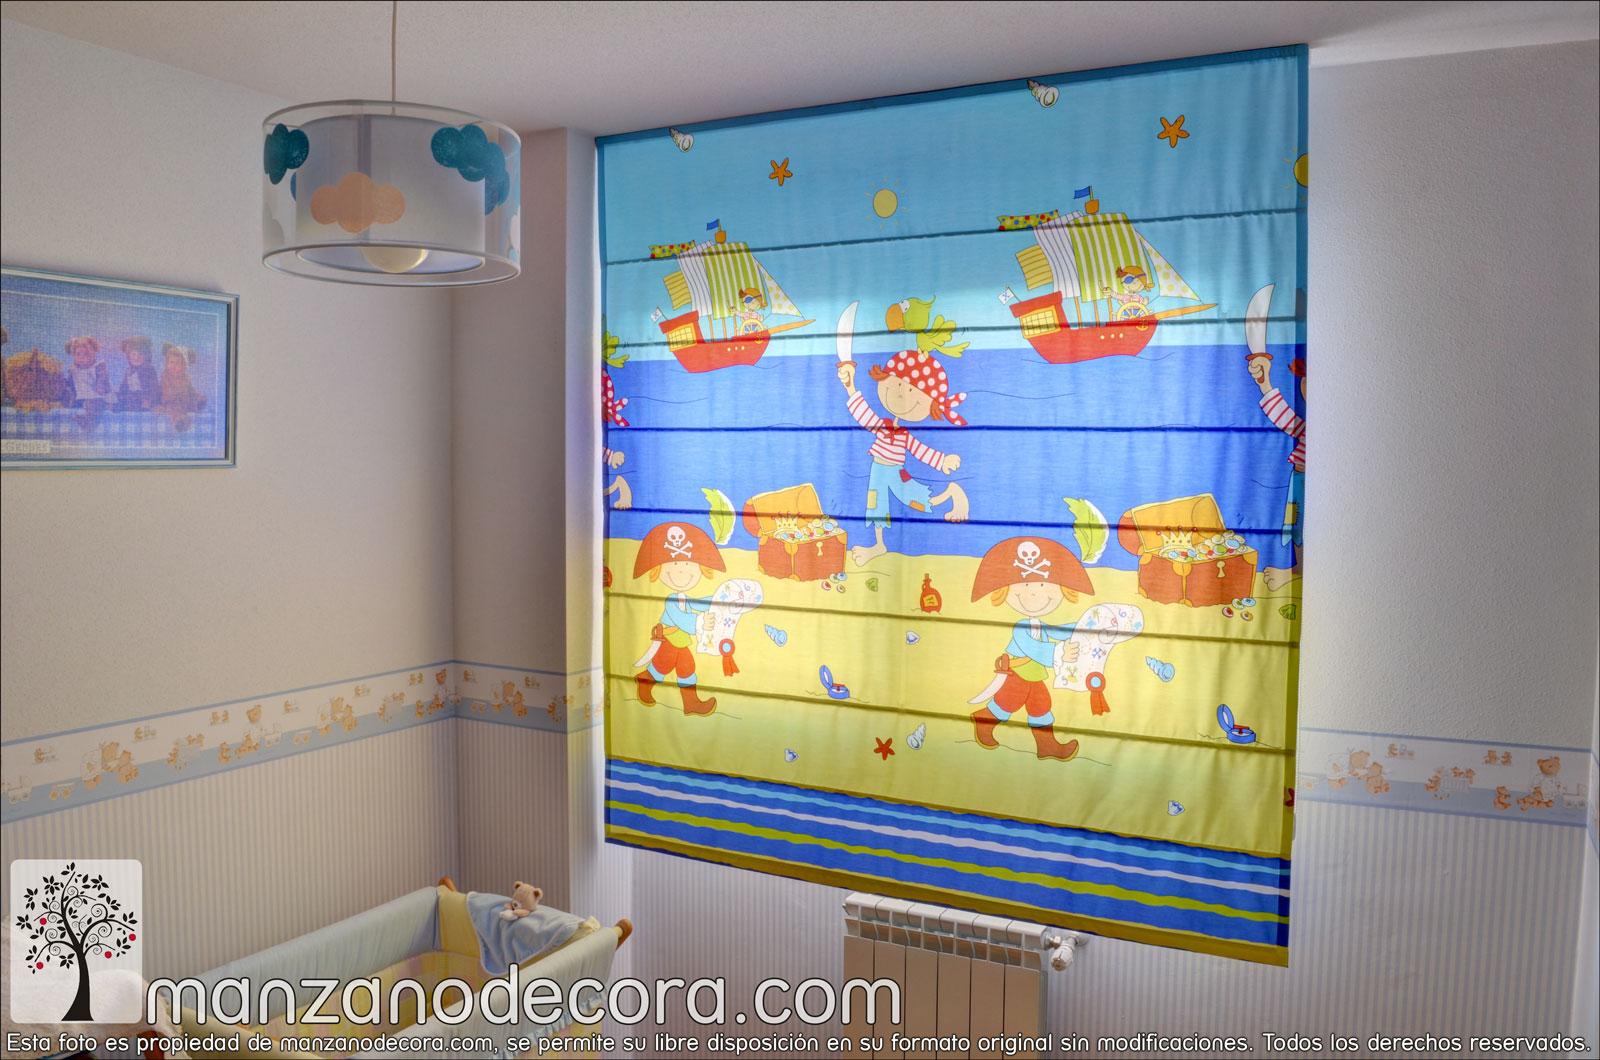 Estores de varillas cortinas manzanodecora - Cortinas para habitacion infantil ...